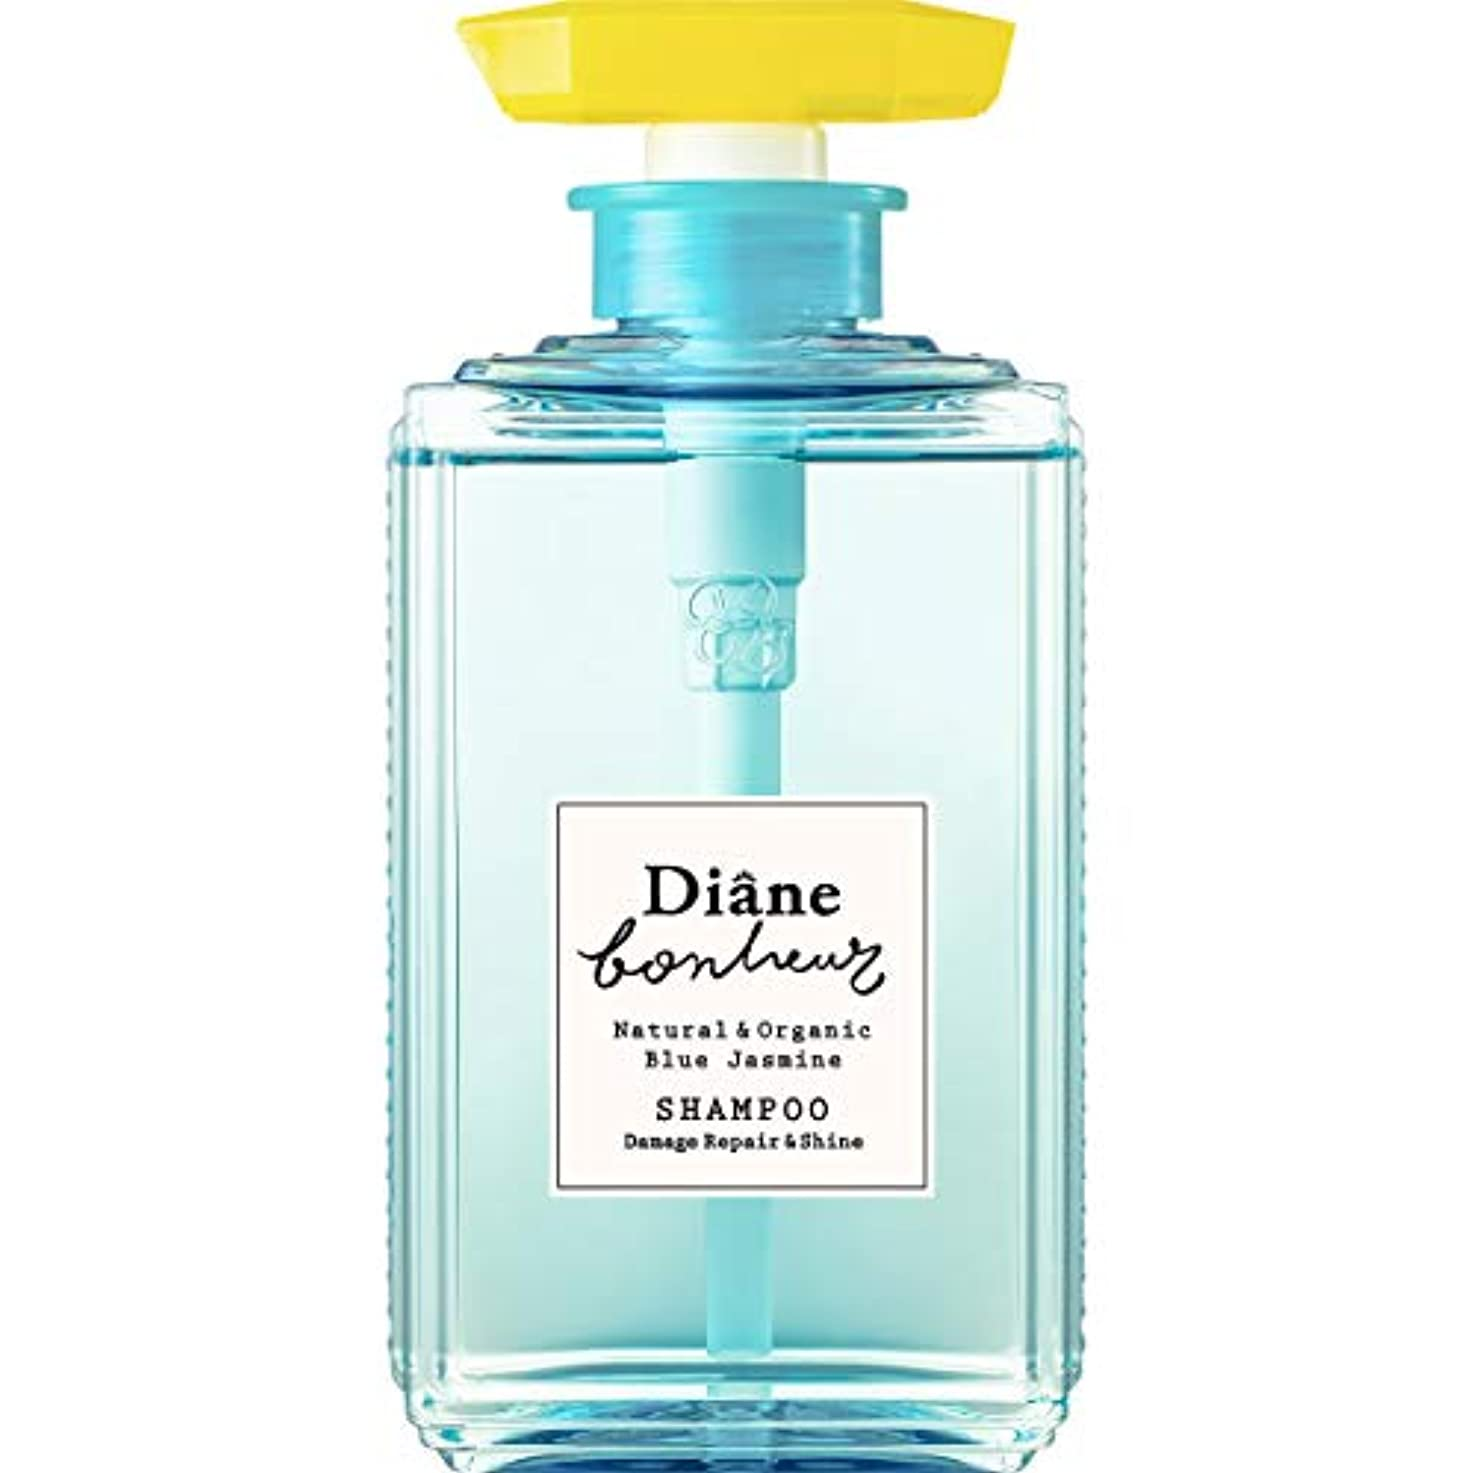 アコー決定する雑多なダイアン ボヌール シャンプー ブルージャスミンの香り ダメージリペア&シャイン 500ml